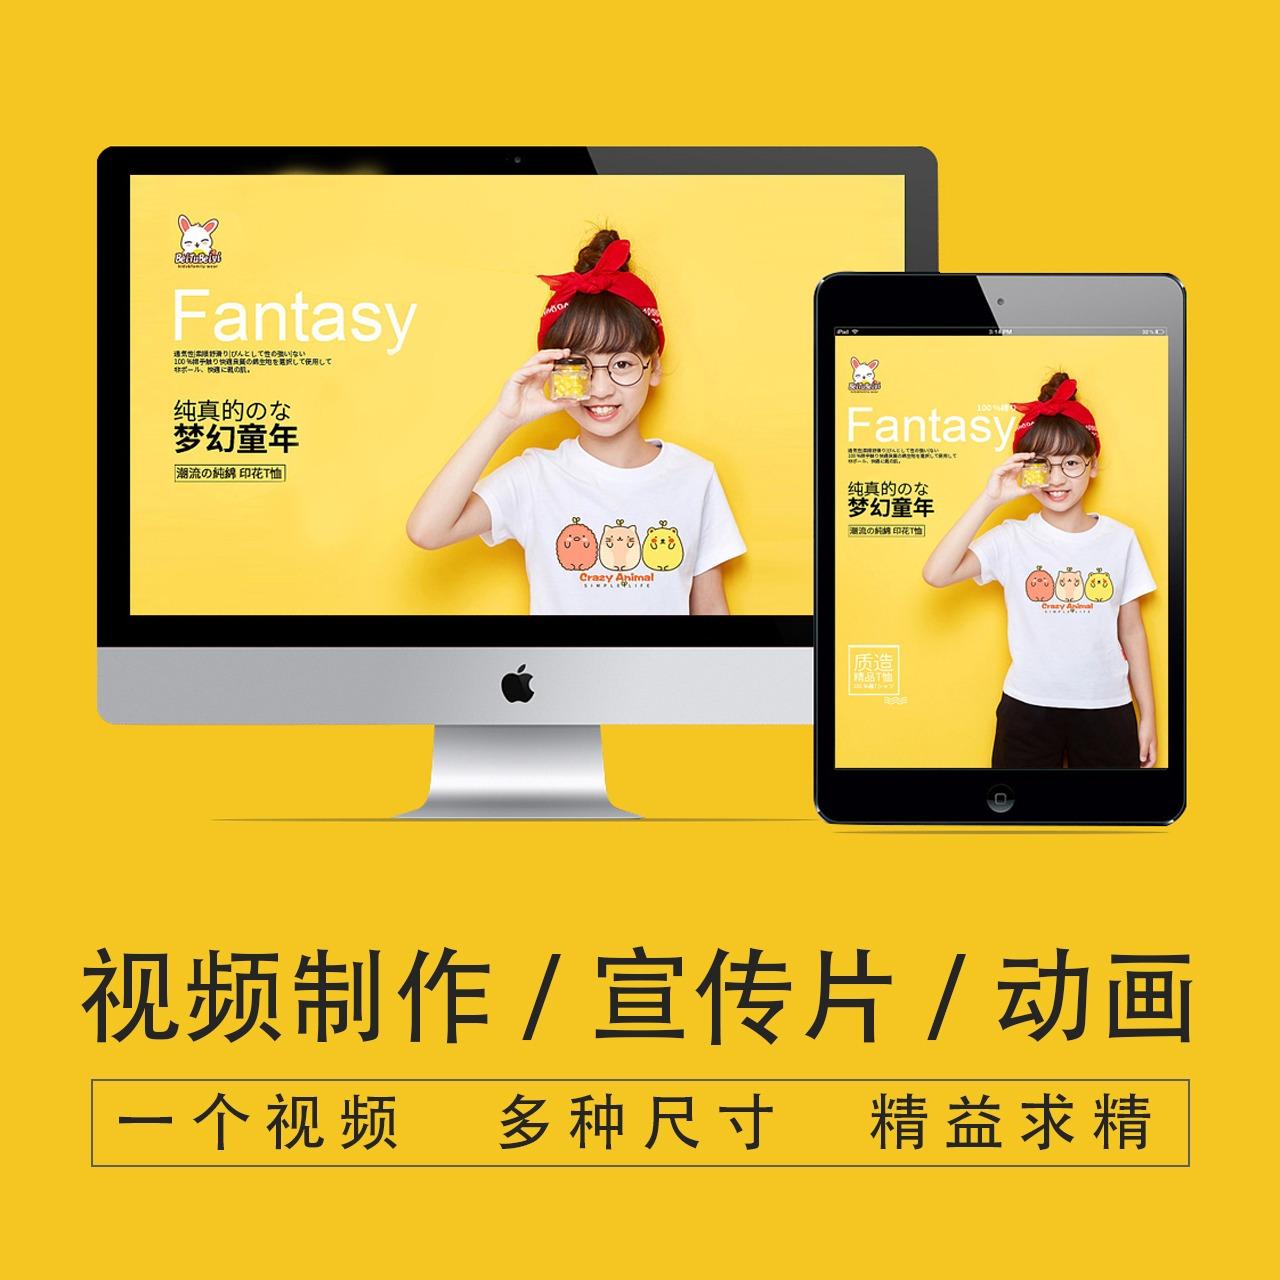 【宣传片视频制作】四川创意营销视频采访拍摄后期剪辑全套服务